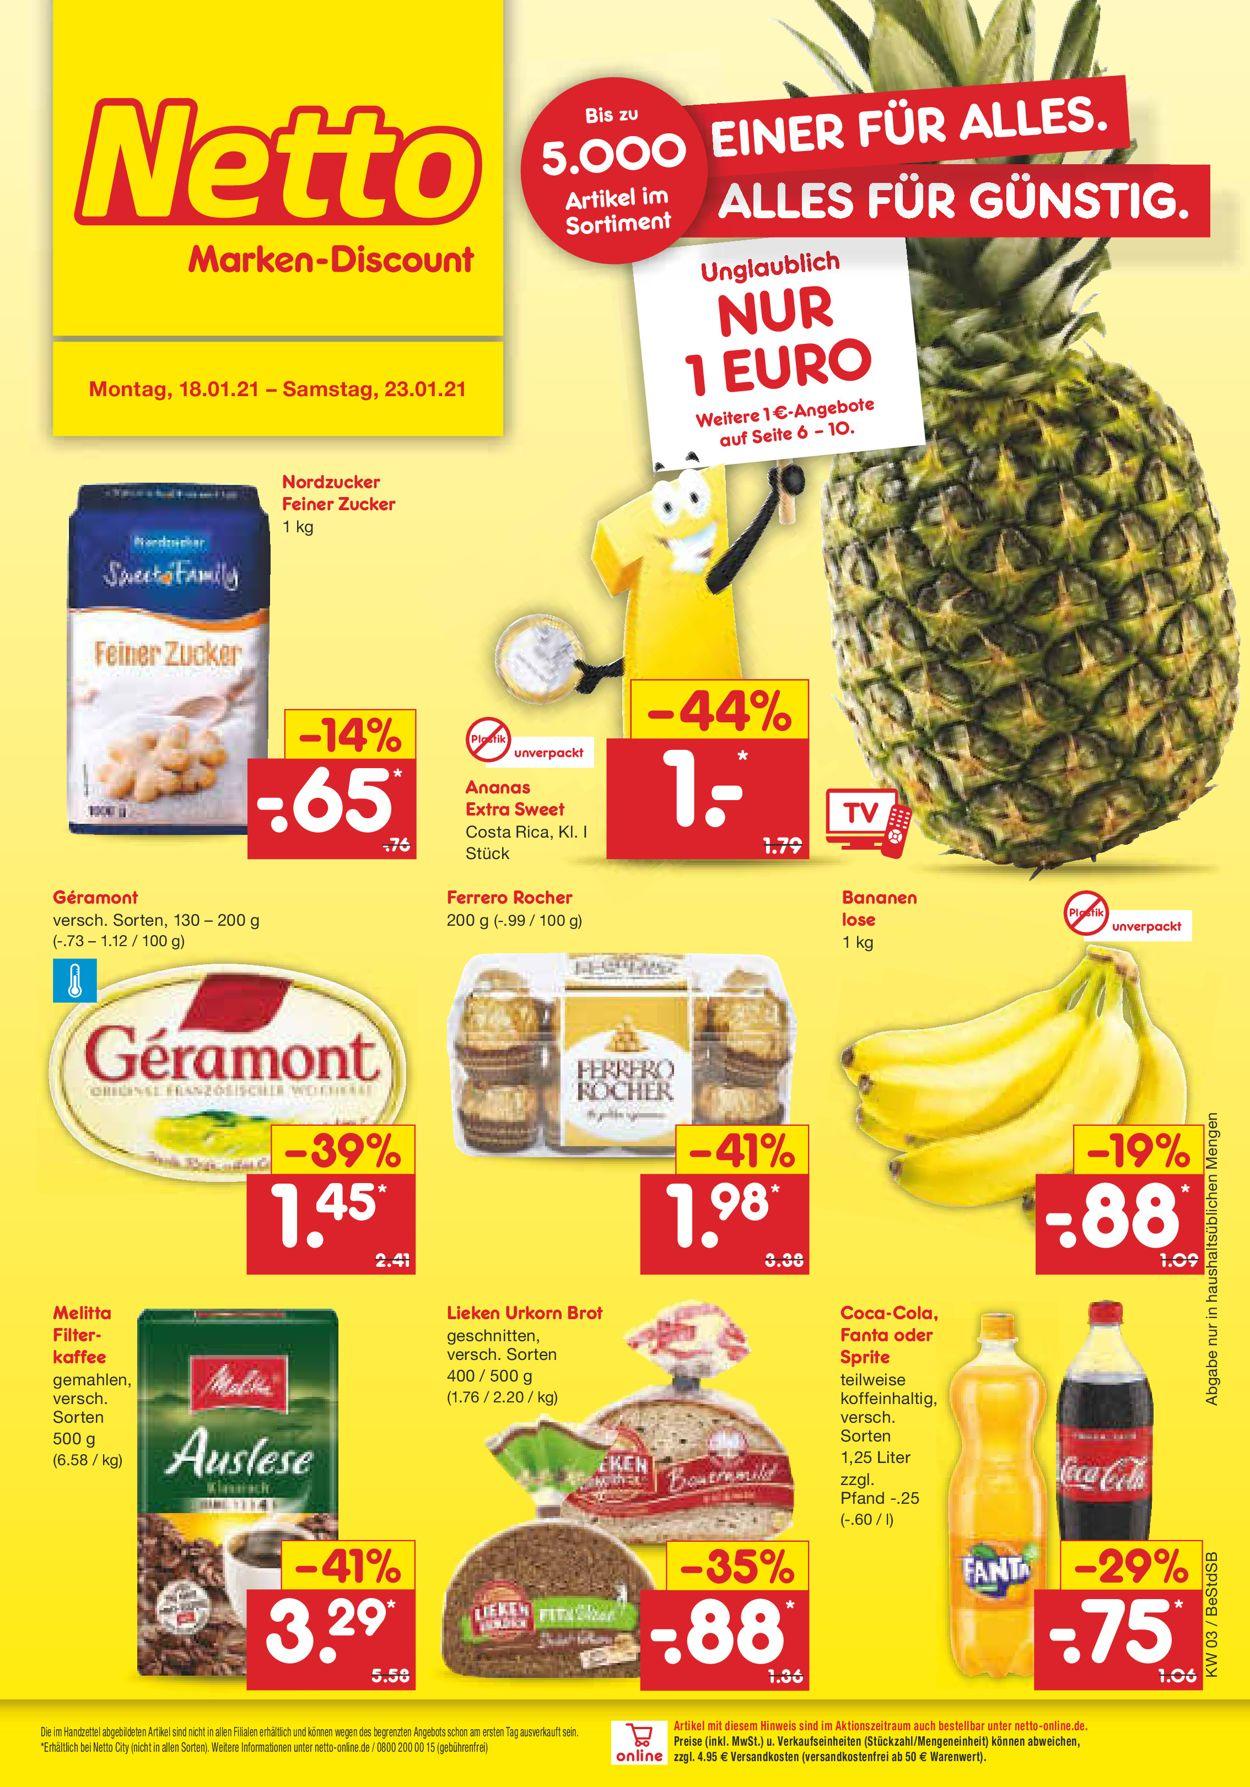 Netto Marken-Discount Prospekt - Aktuell vom 18.01-23.01.2021